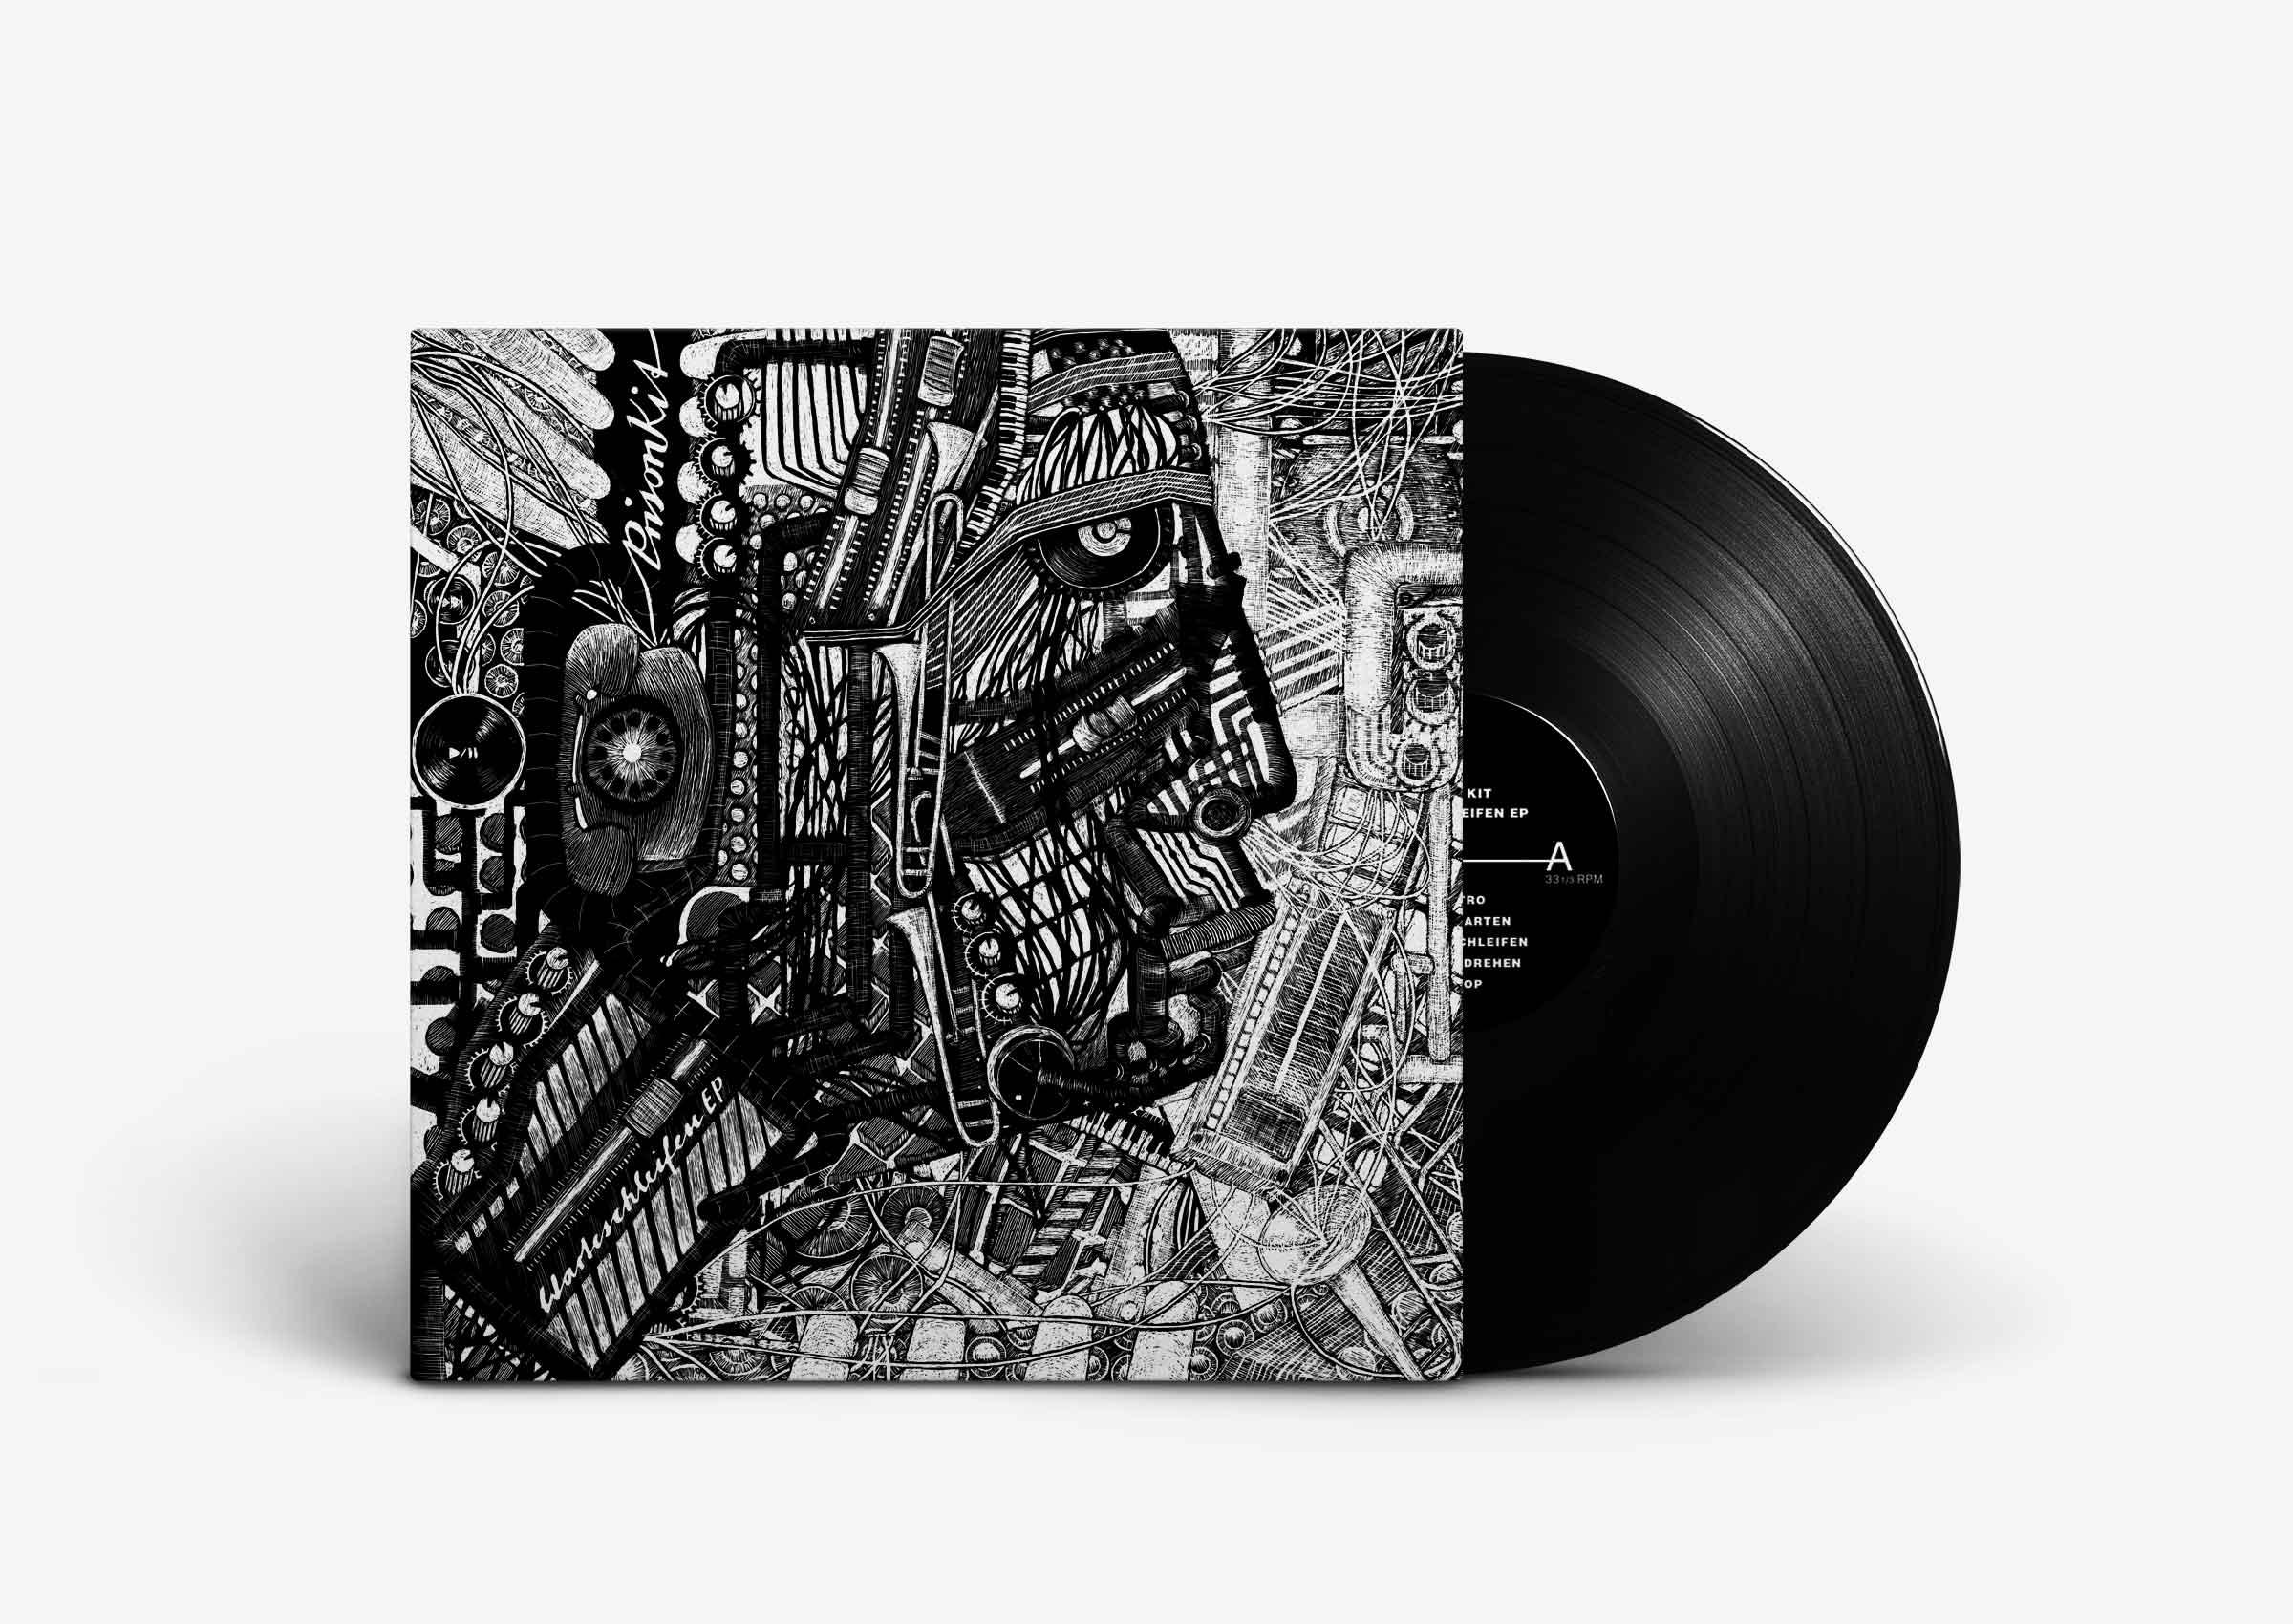 Prison Kit, Warteschleifen, Vinyl, Hip Hop